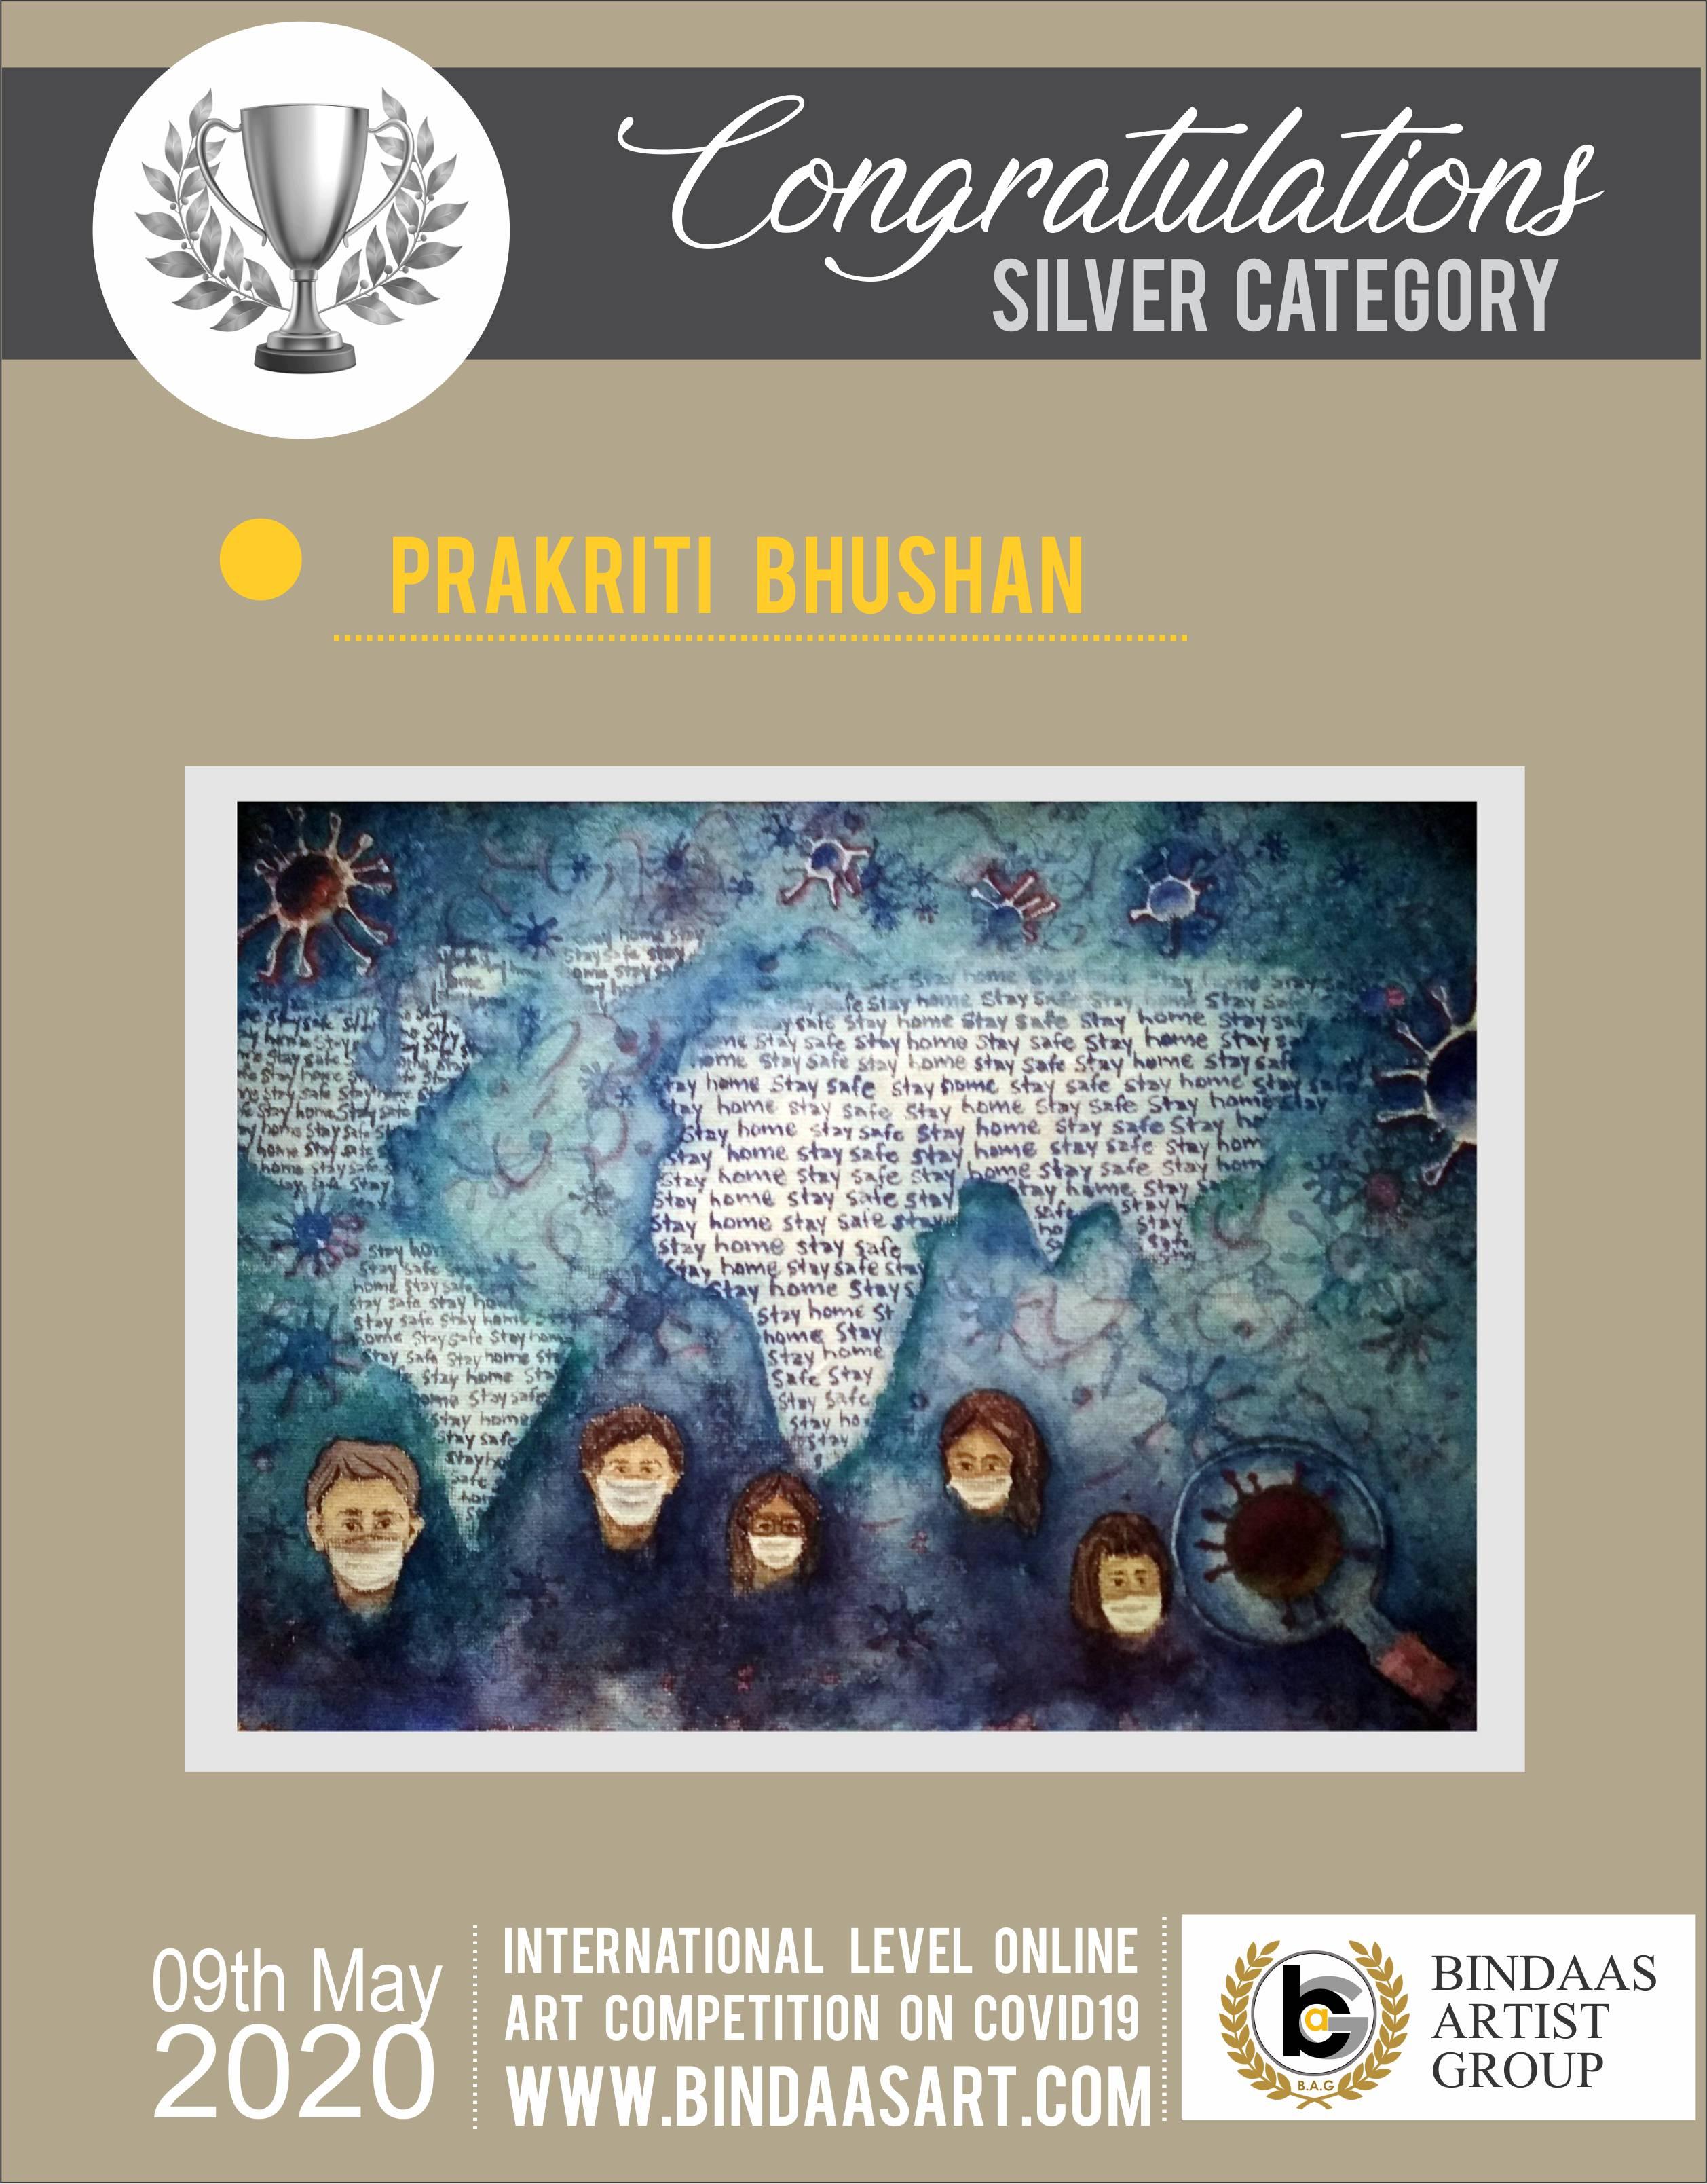 Prakriti Bhushan